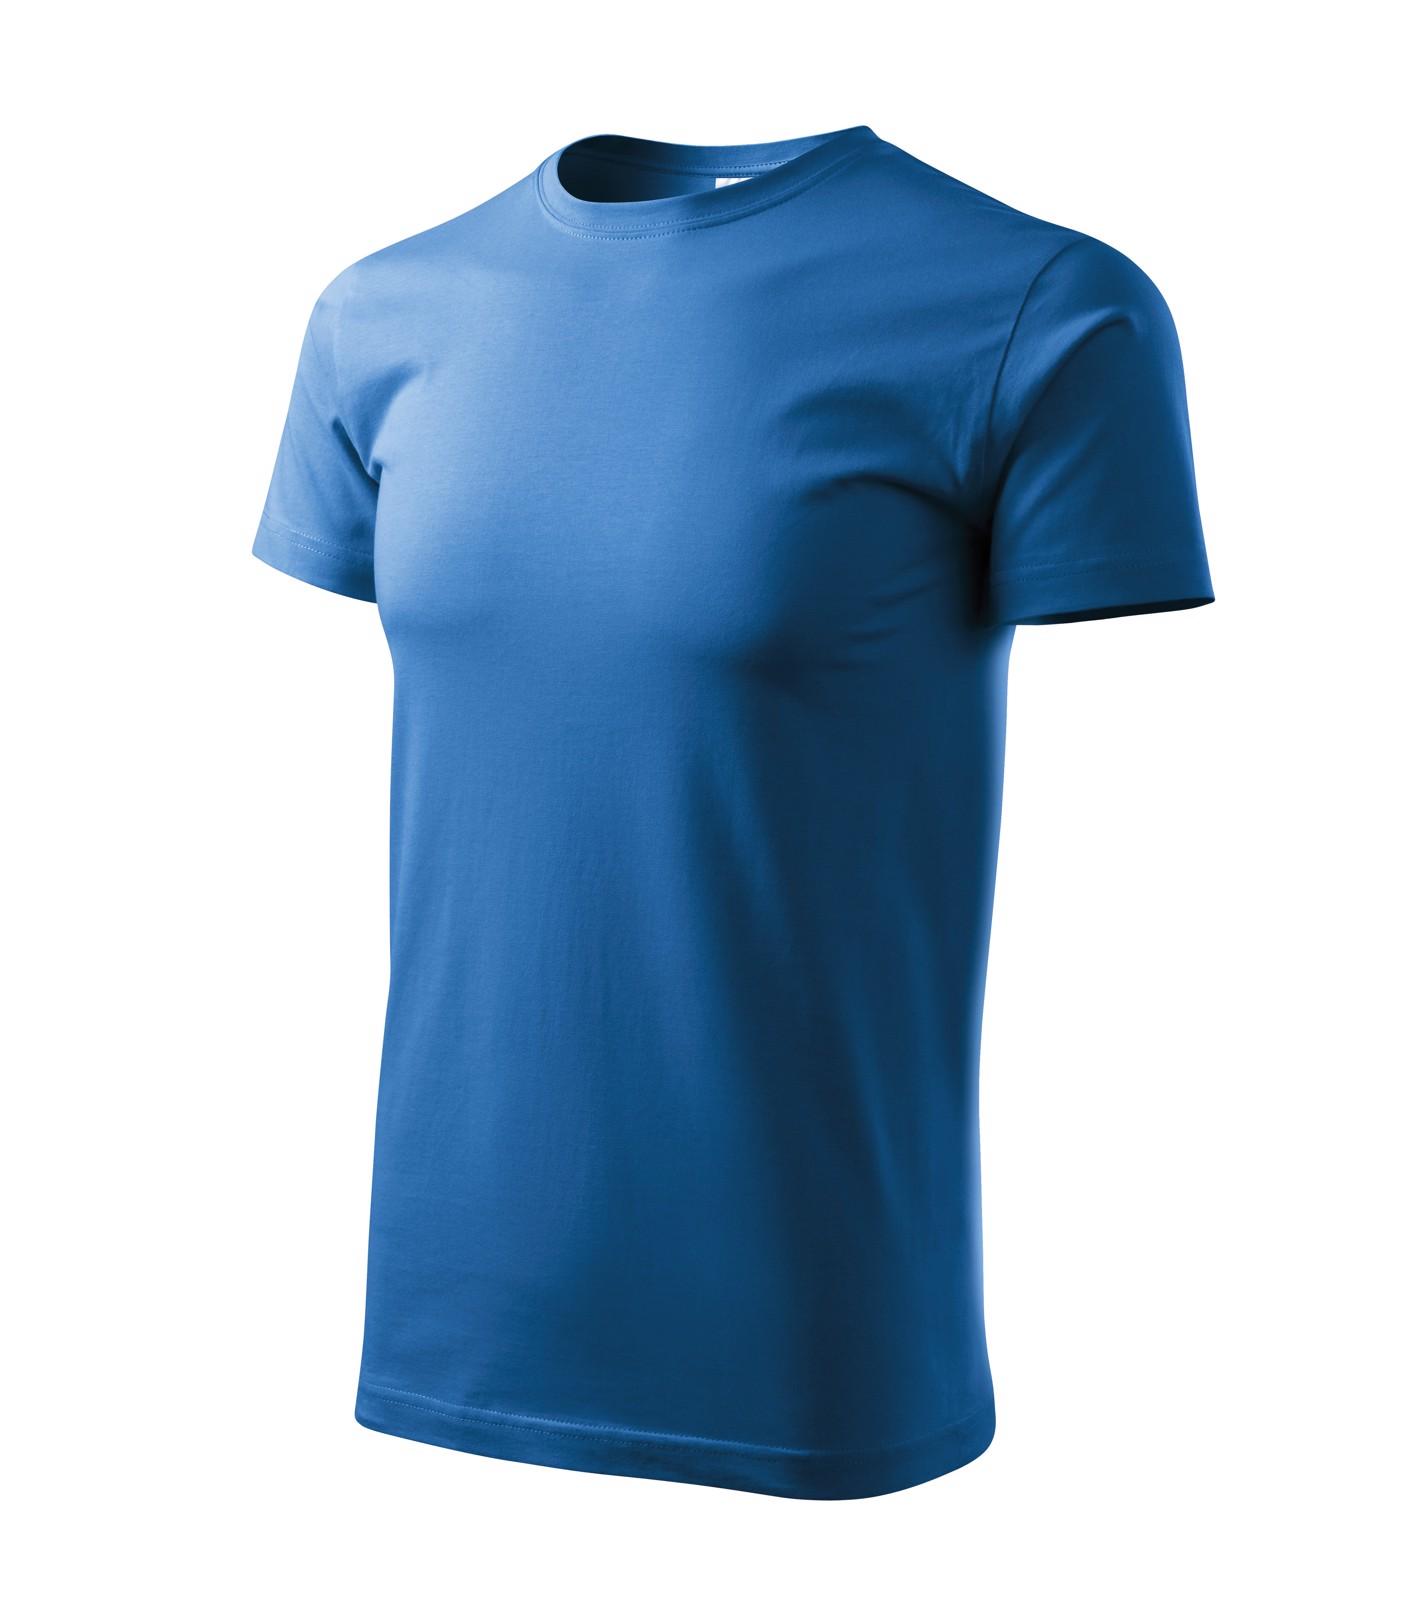 Tričko pánské Malfini Basic - Azurově Modrá / 3XL